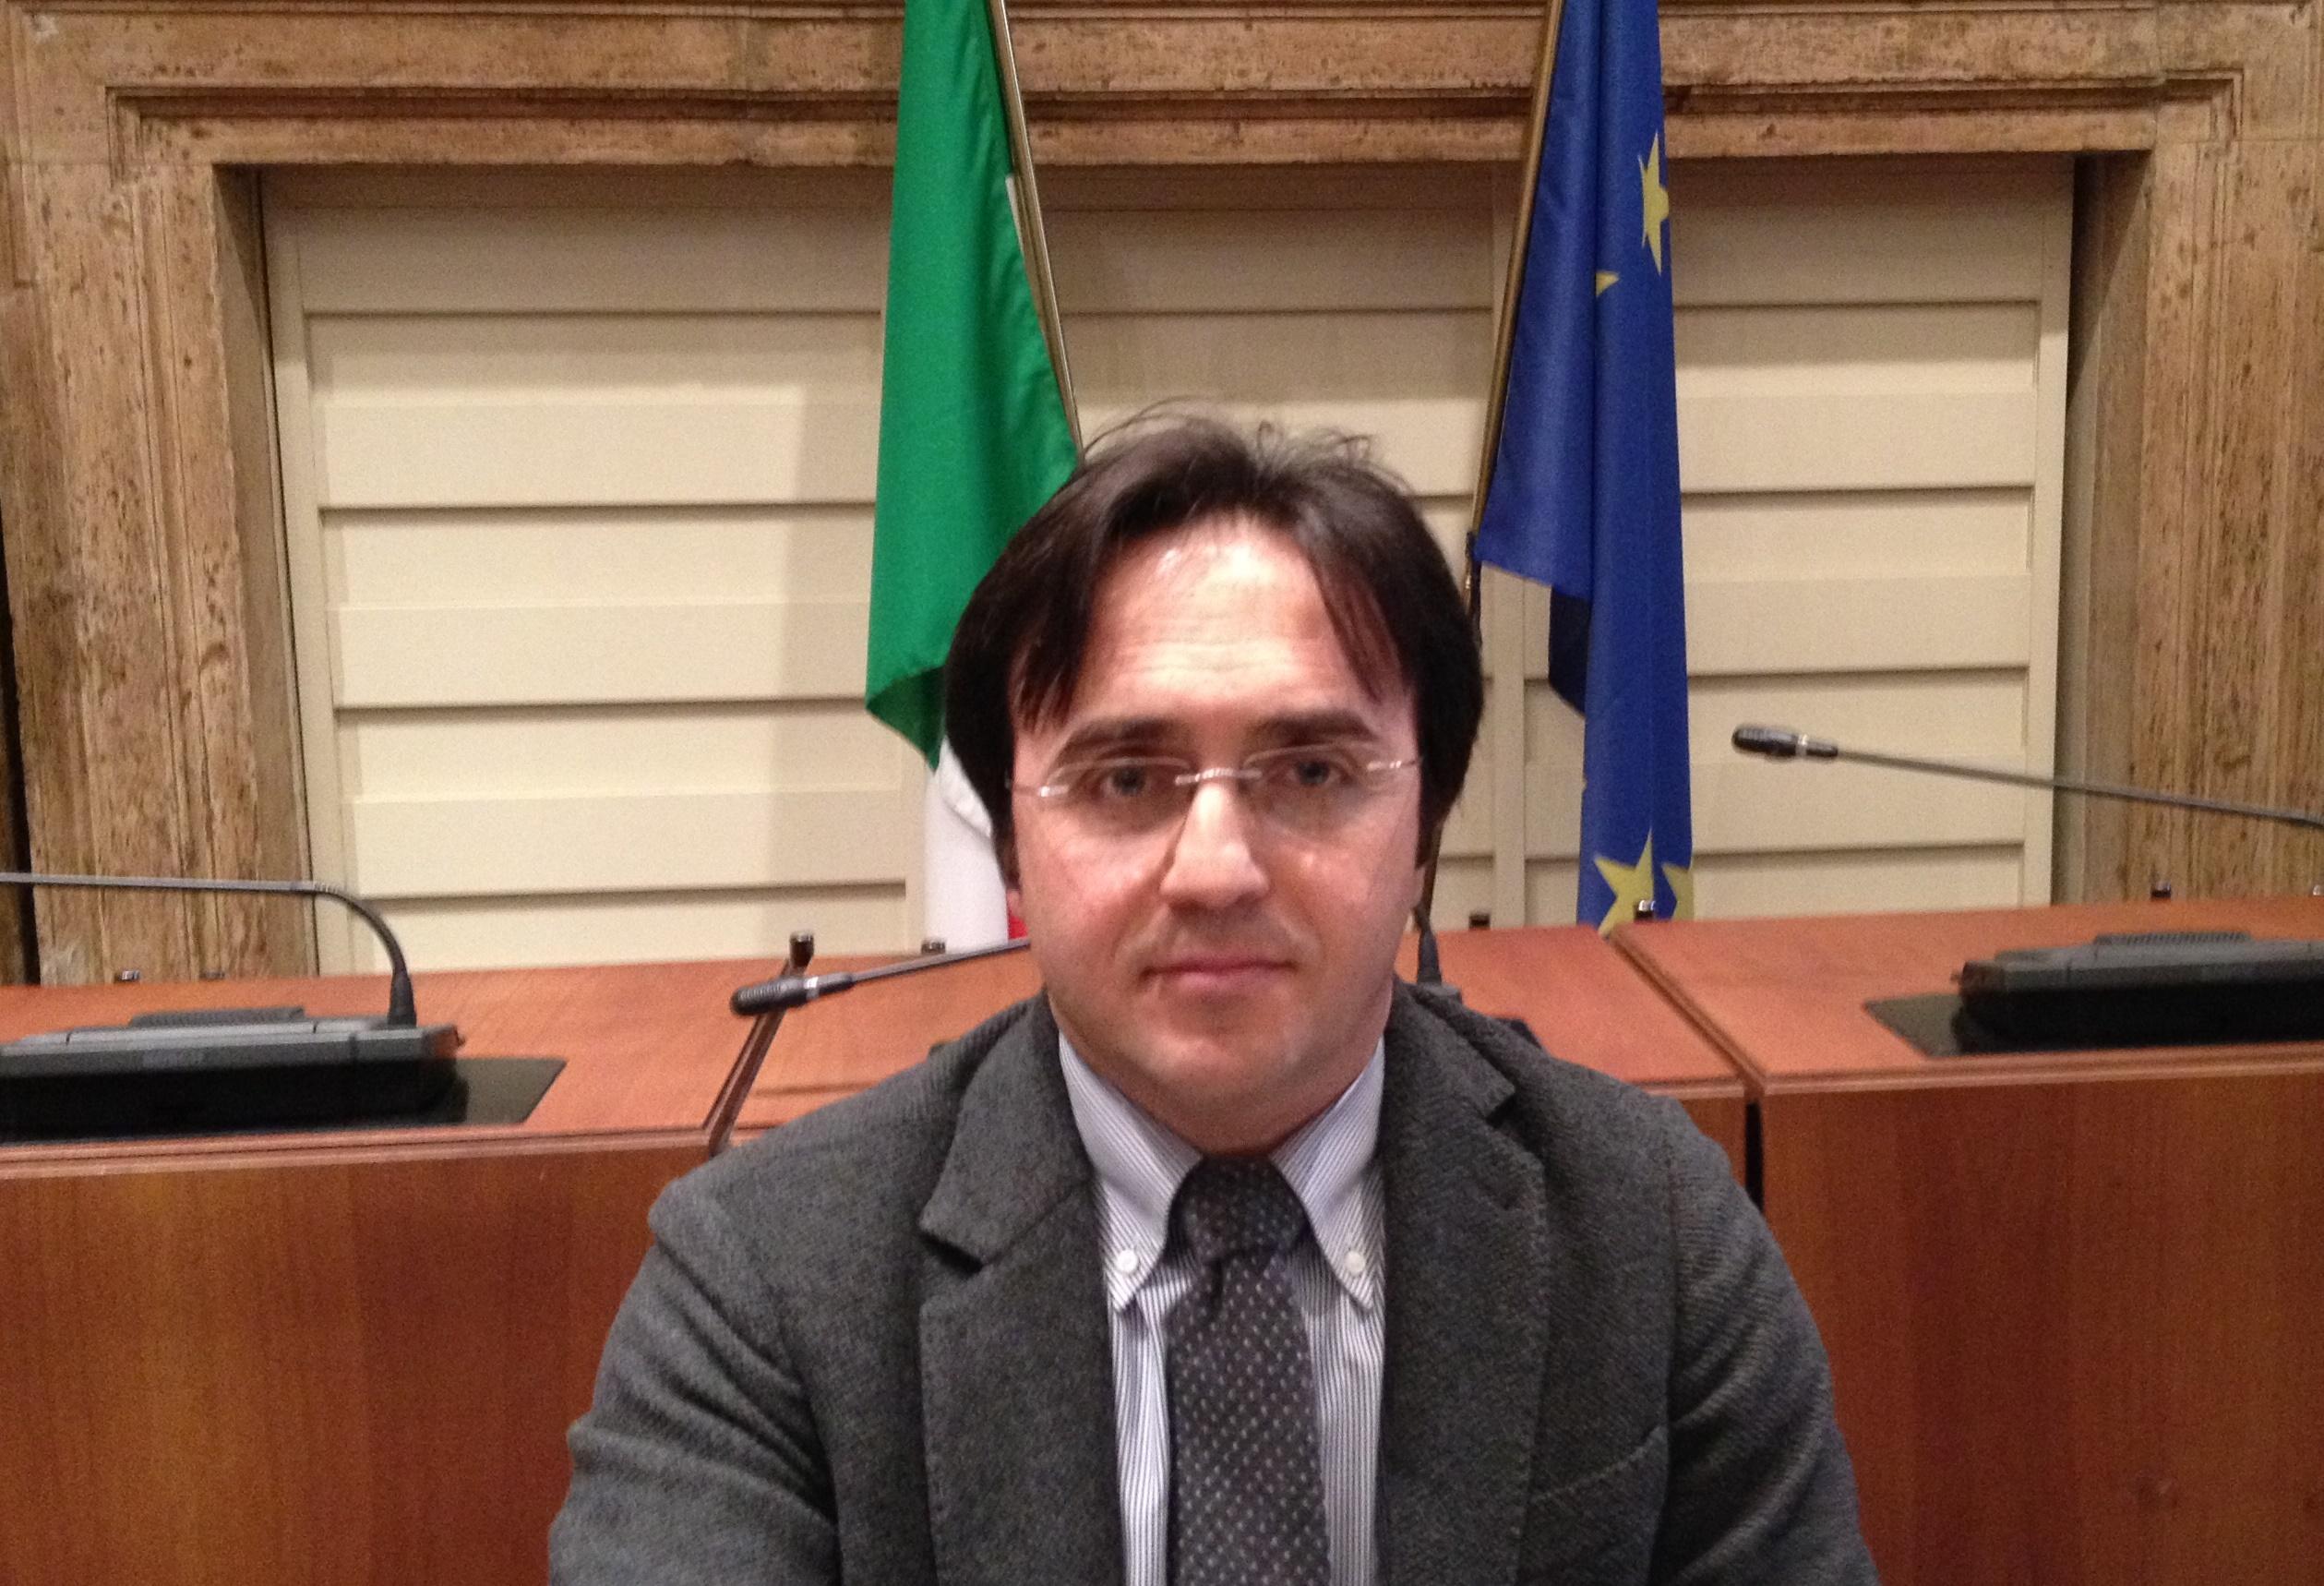 VITTORIO PIACENTI D'UBALDI - Assessore RISORSE UMANE - BILANCIO ? PATRIMONIO ?AZIENDE PARTECIPATE Terni